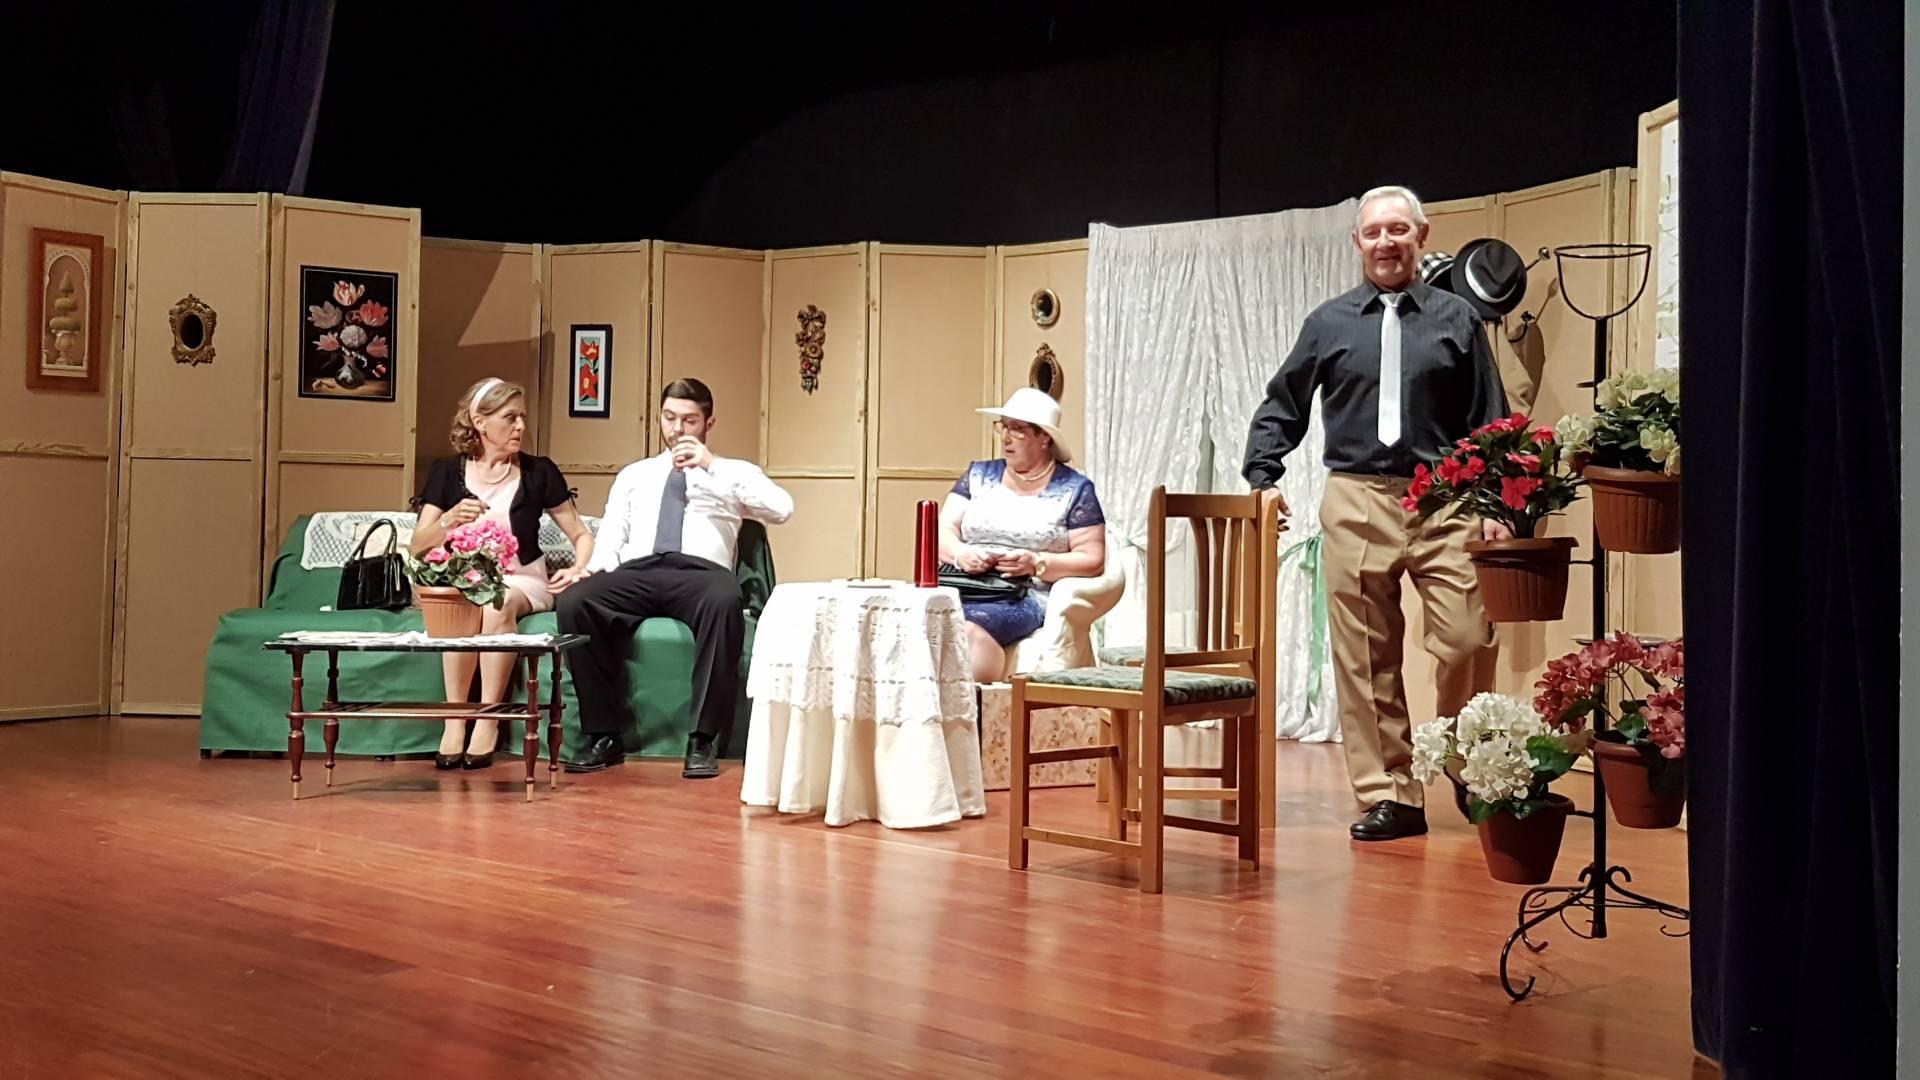 Representación de la obra «Melocotón en almíbar» por parte del grupo Barataria Teatro.